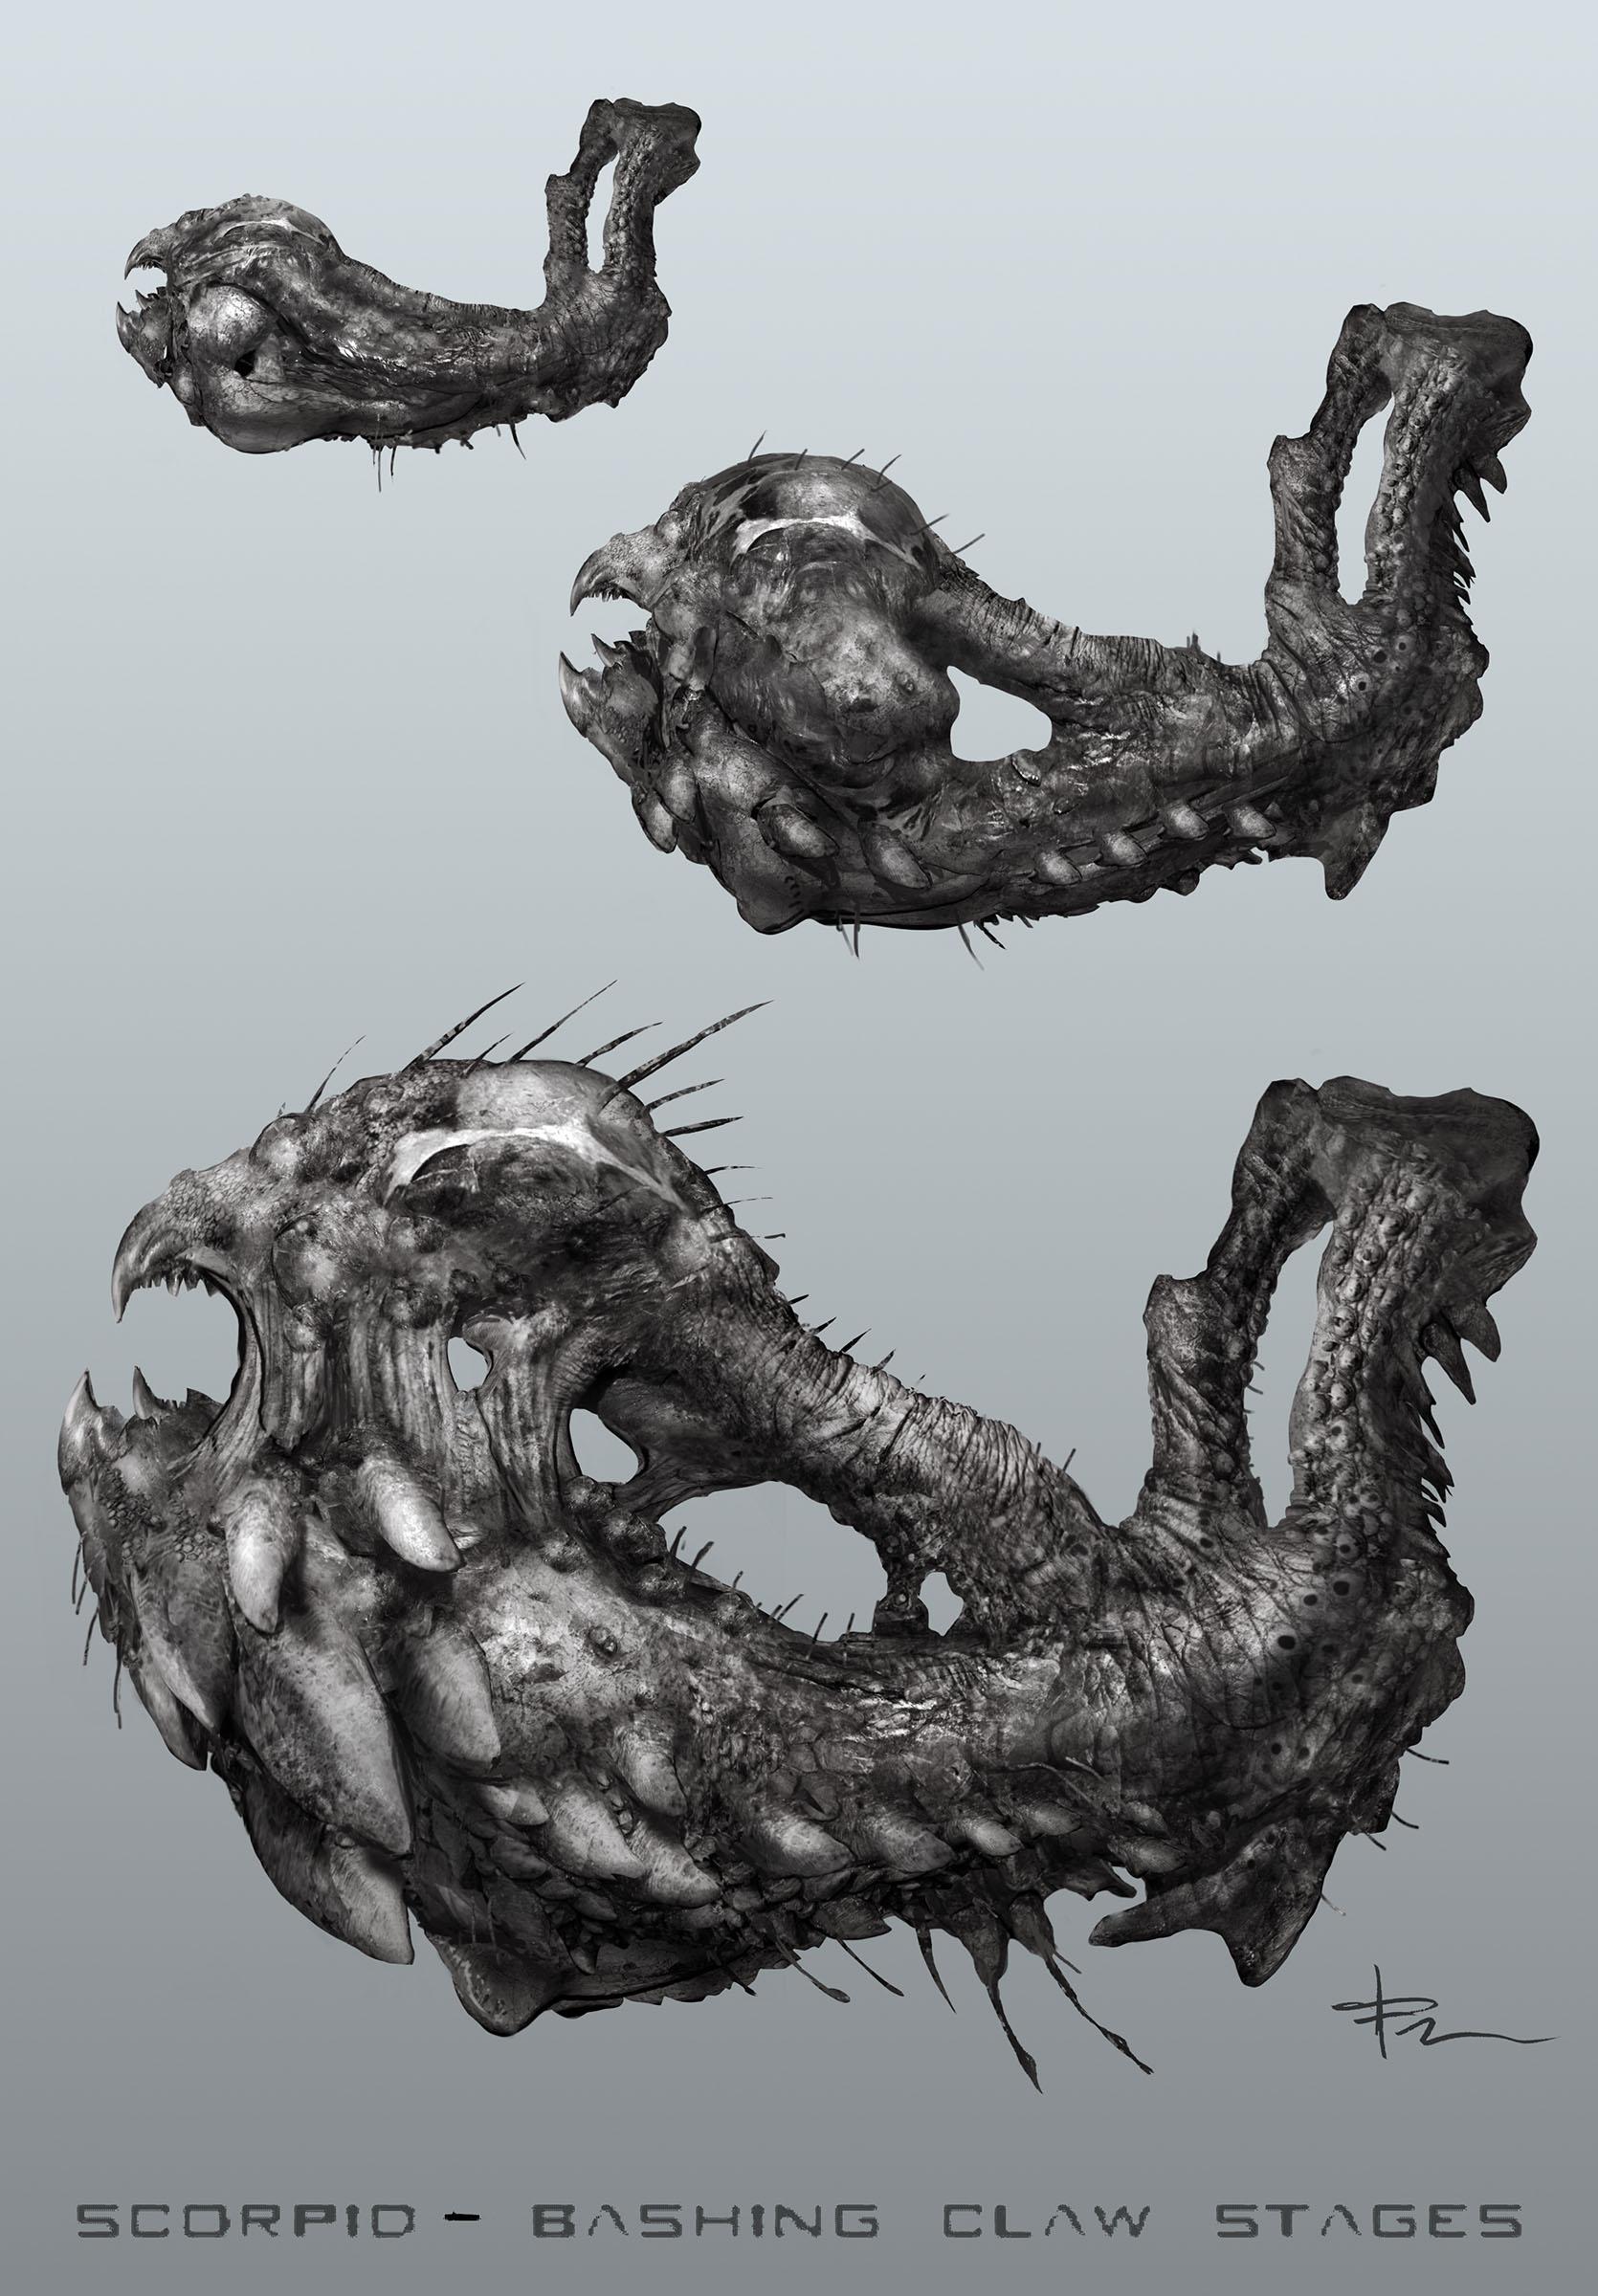 TJFRAME-ART_Evolve_scorpidbashstages.jpg